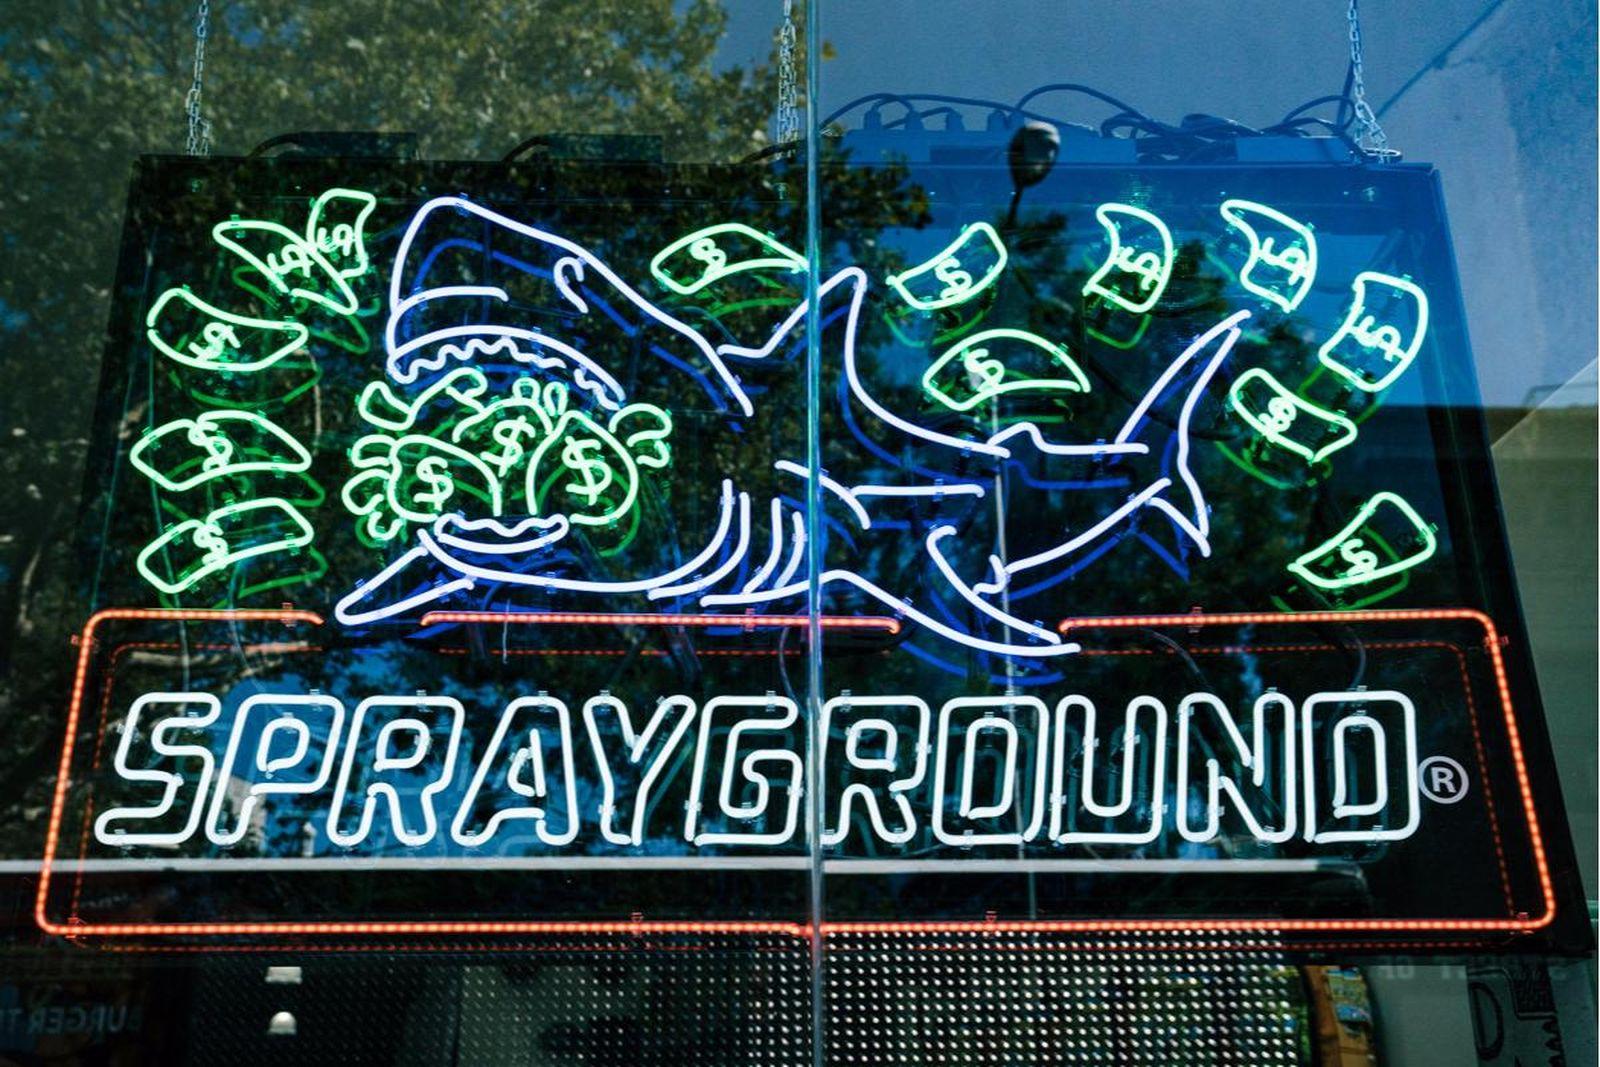 sprayground-pop-up-shop-nyc-01